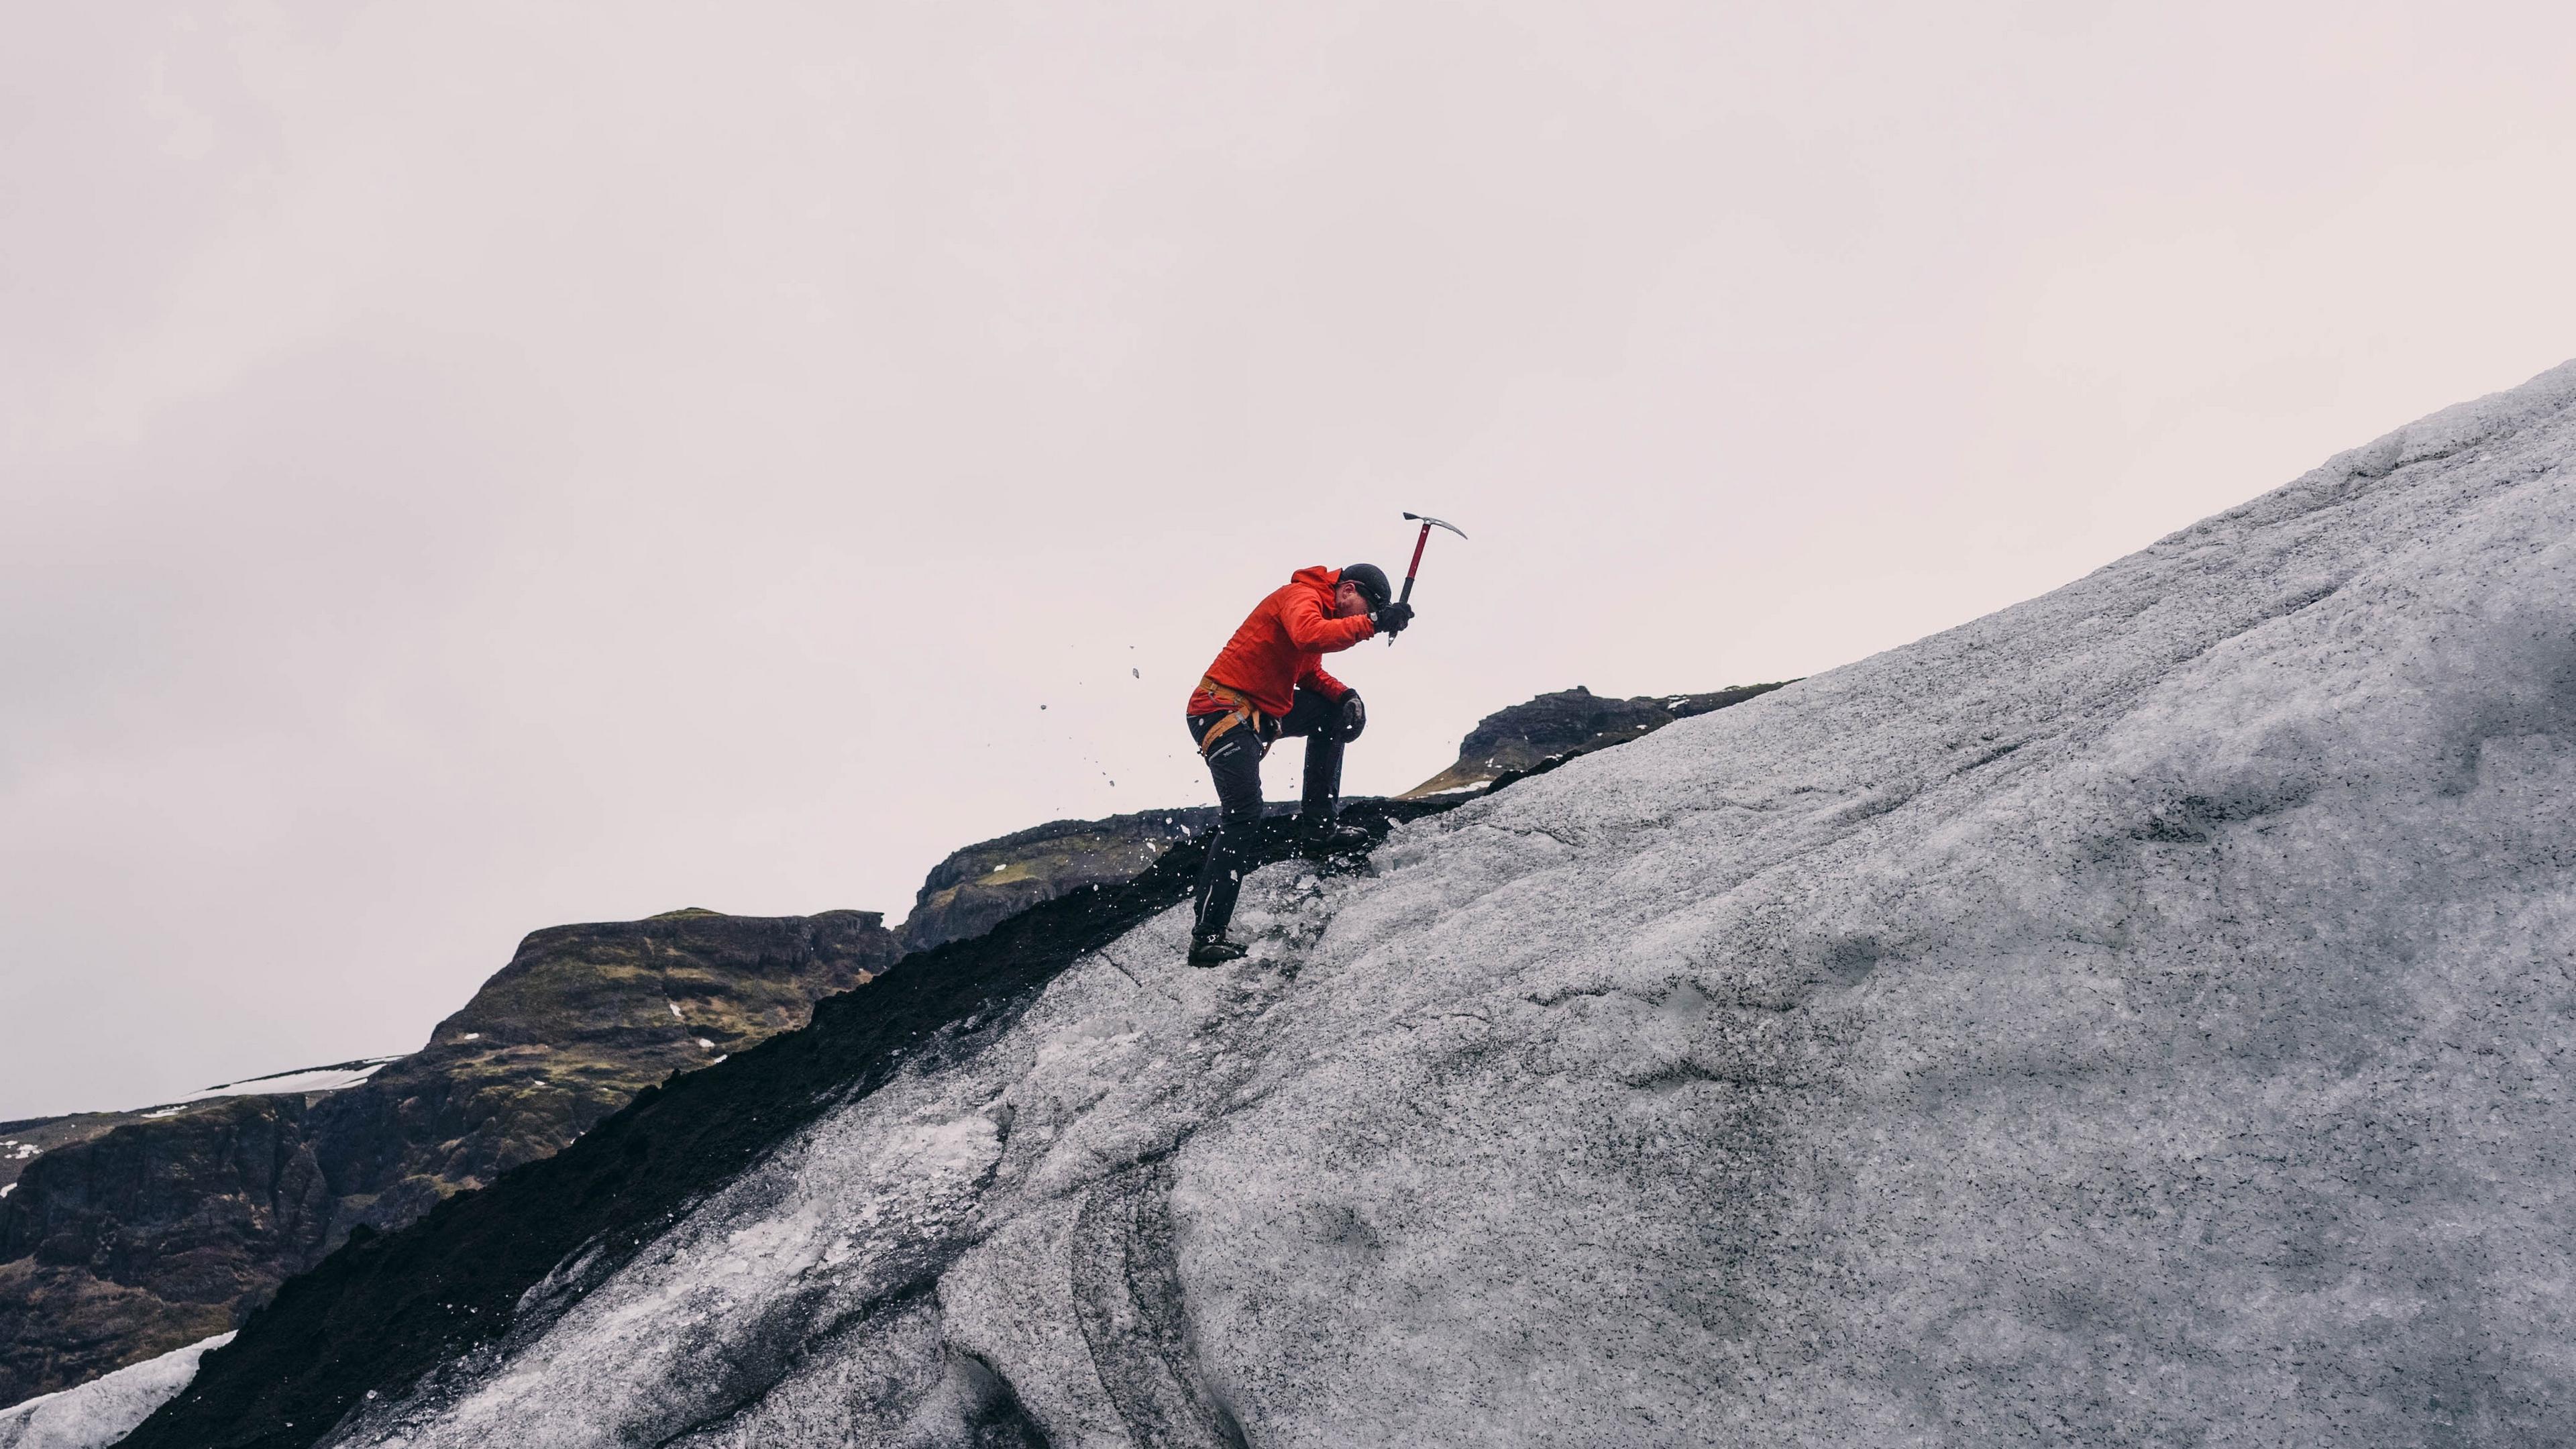 mountain climber mountain overcome 4k 1540063509 - mountain climber, mountain, overcome 4k - overcome, mountain climber, Mountain